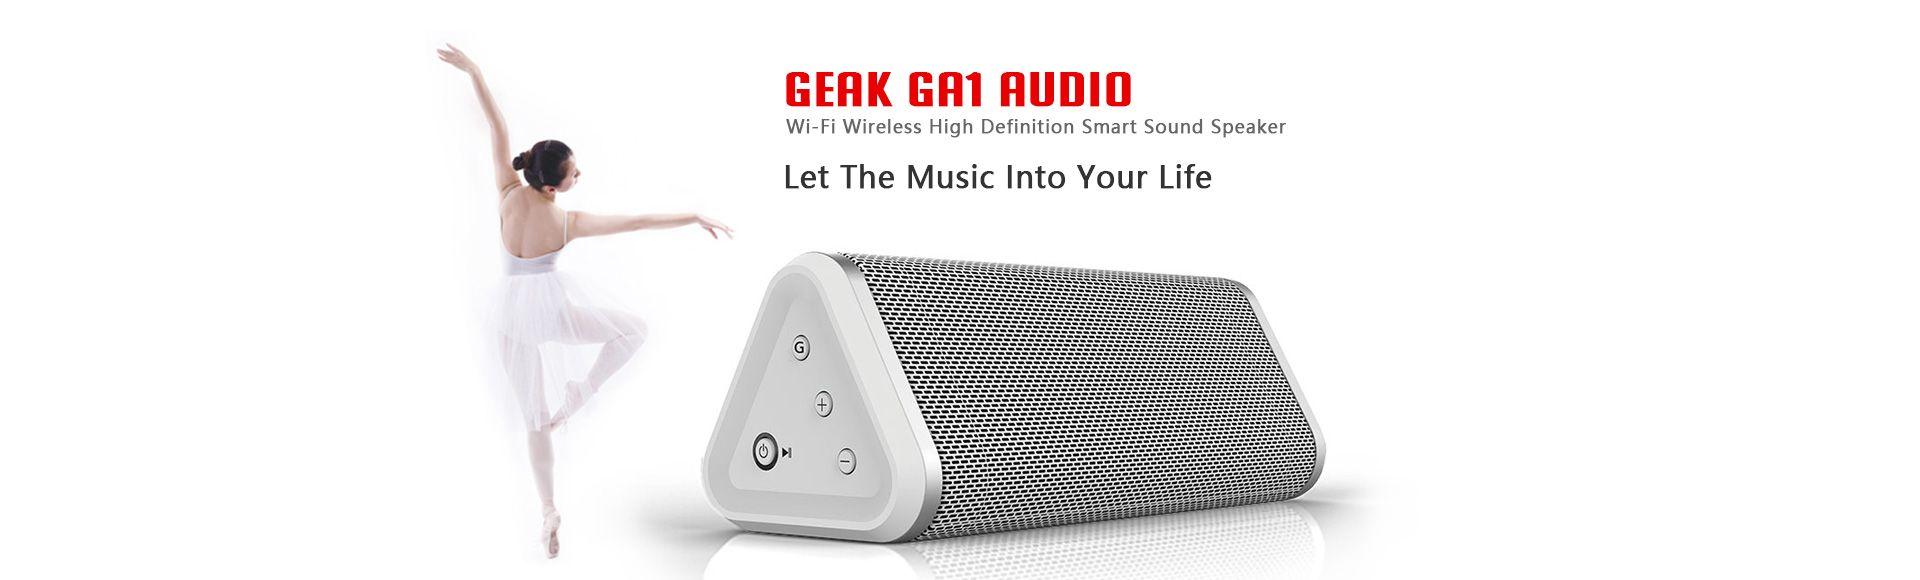 Geak Audio GA1 Smart WiFi Speaker - Wi-Fi Wireless High Definition Smart Sound Speaker